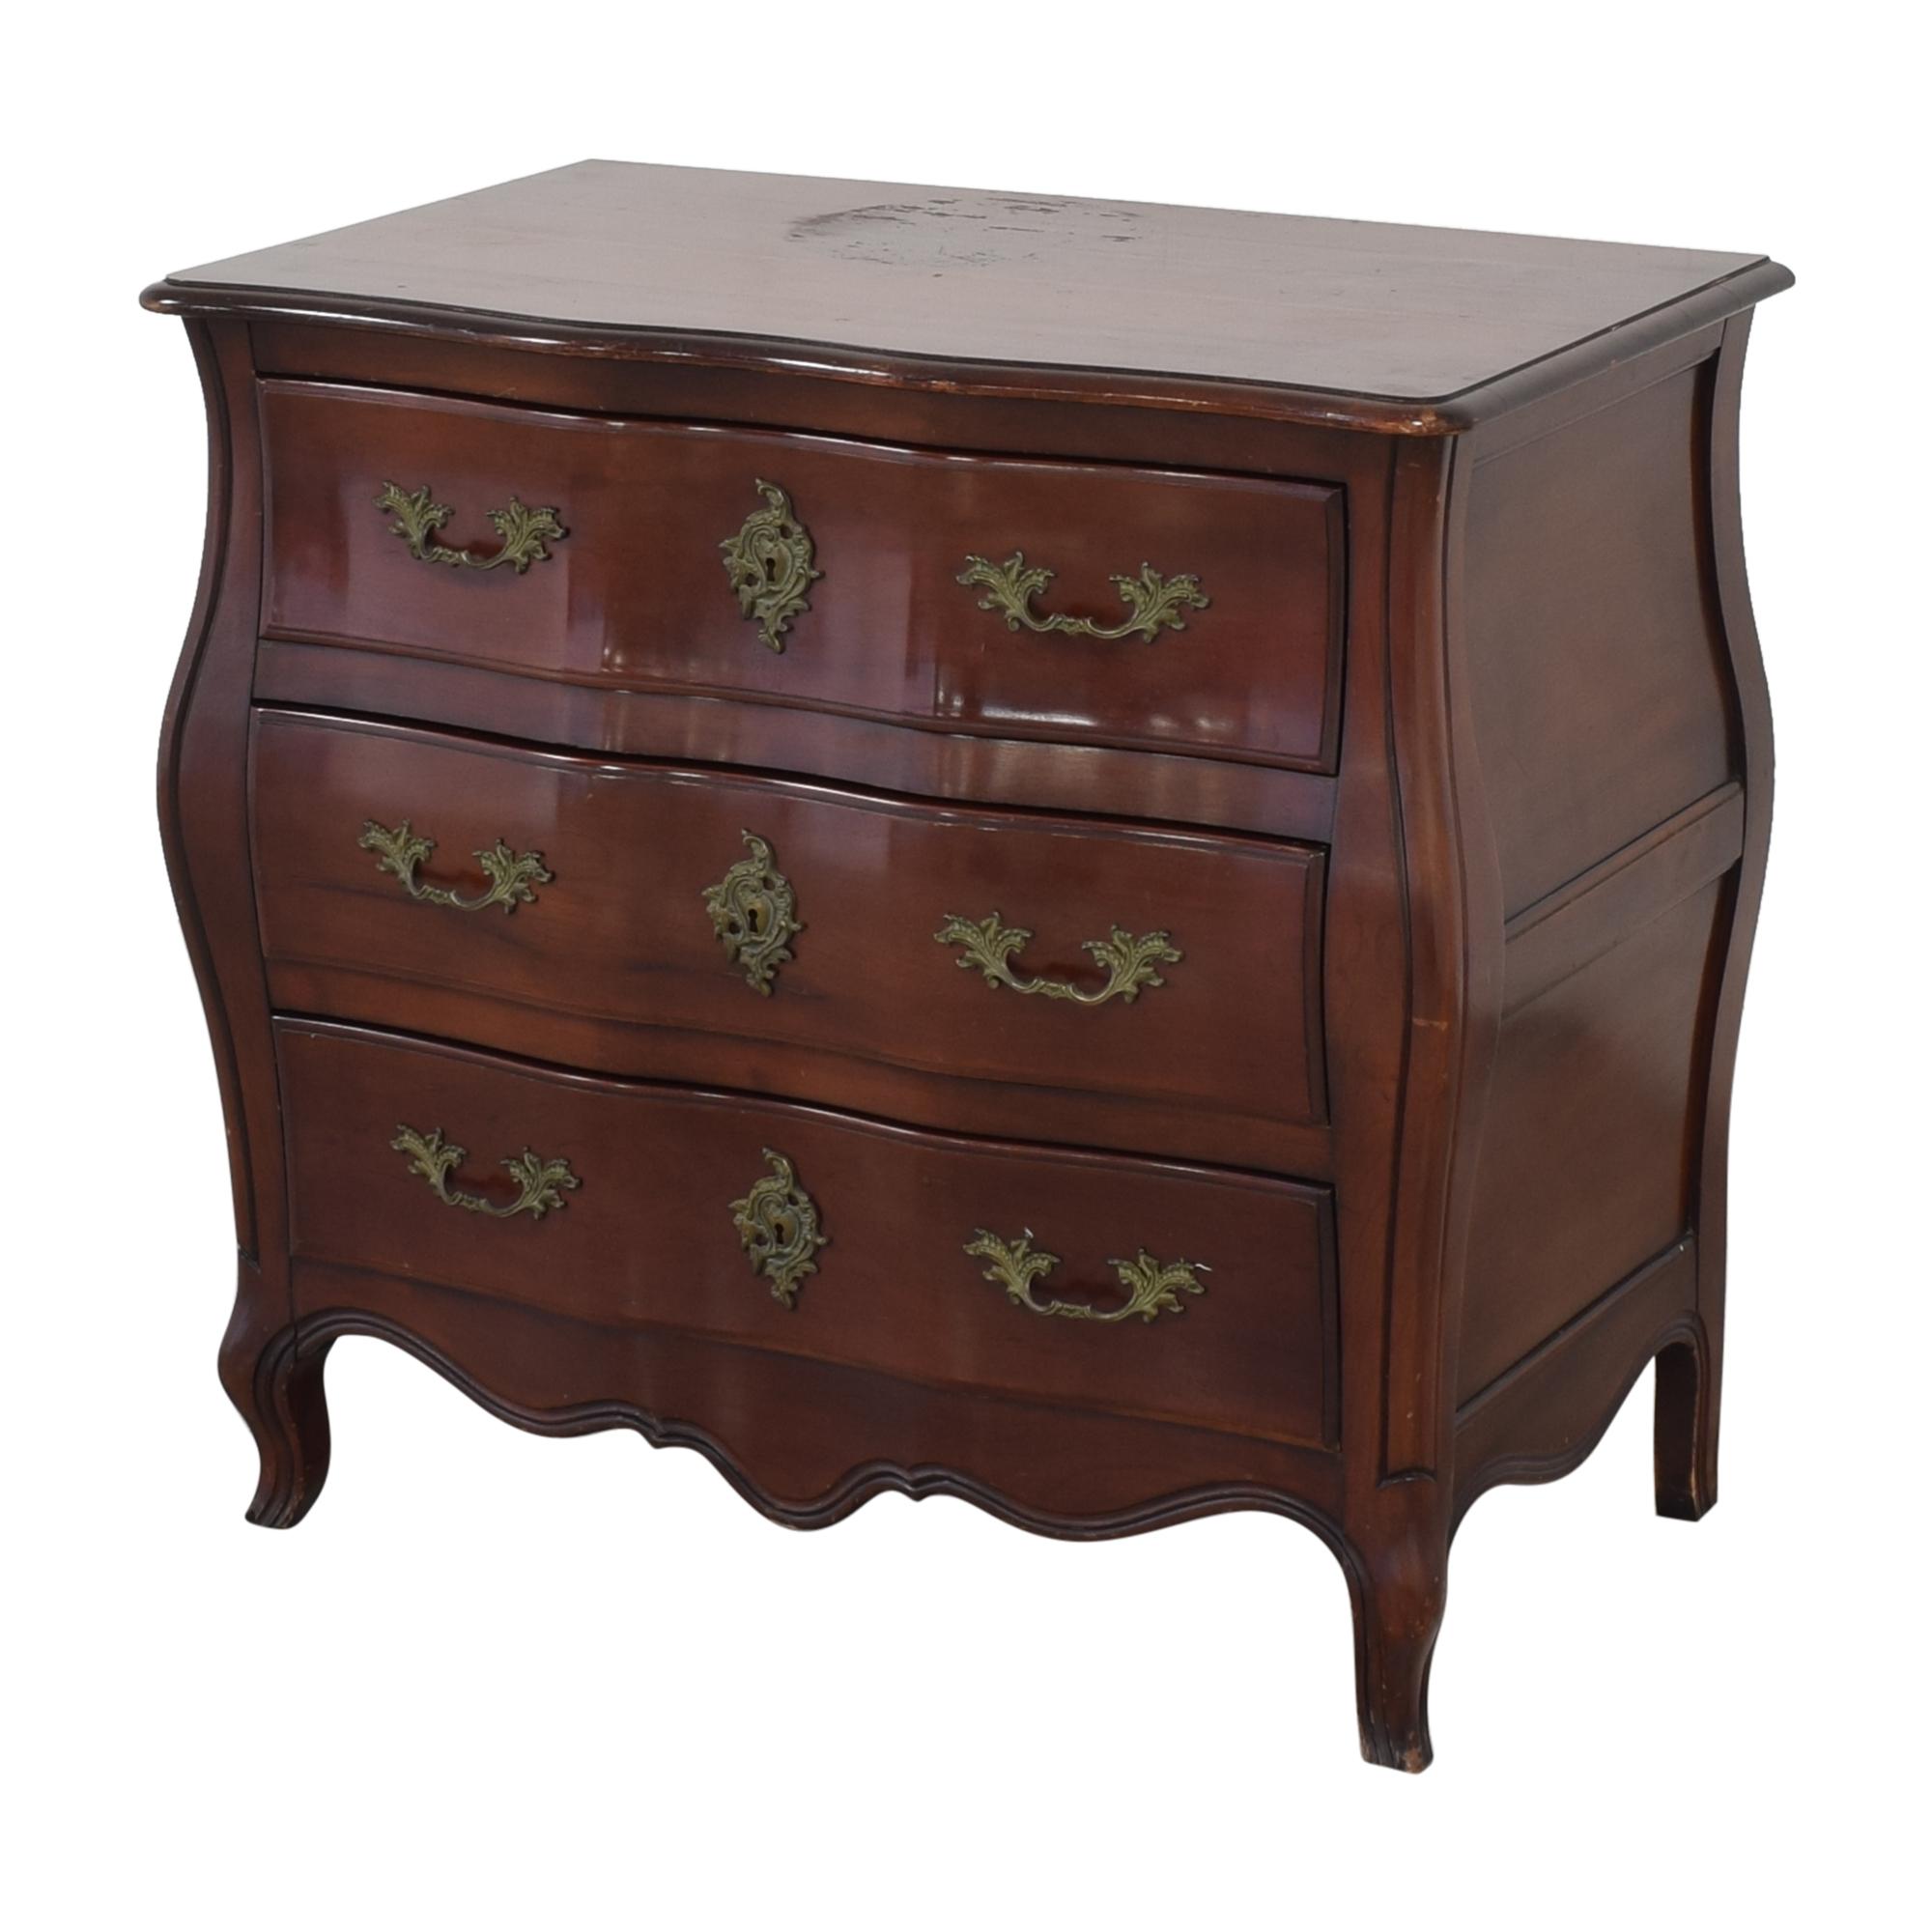 Fancher Furniture Fancher Vintage Dresser coupon